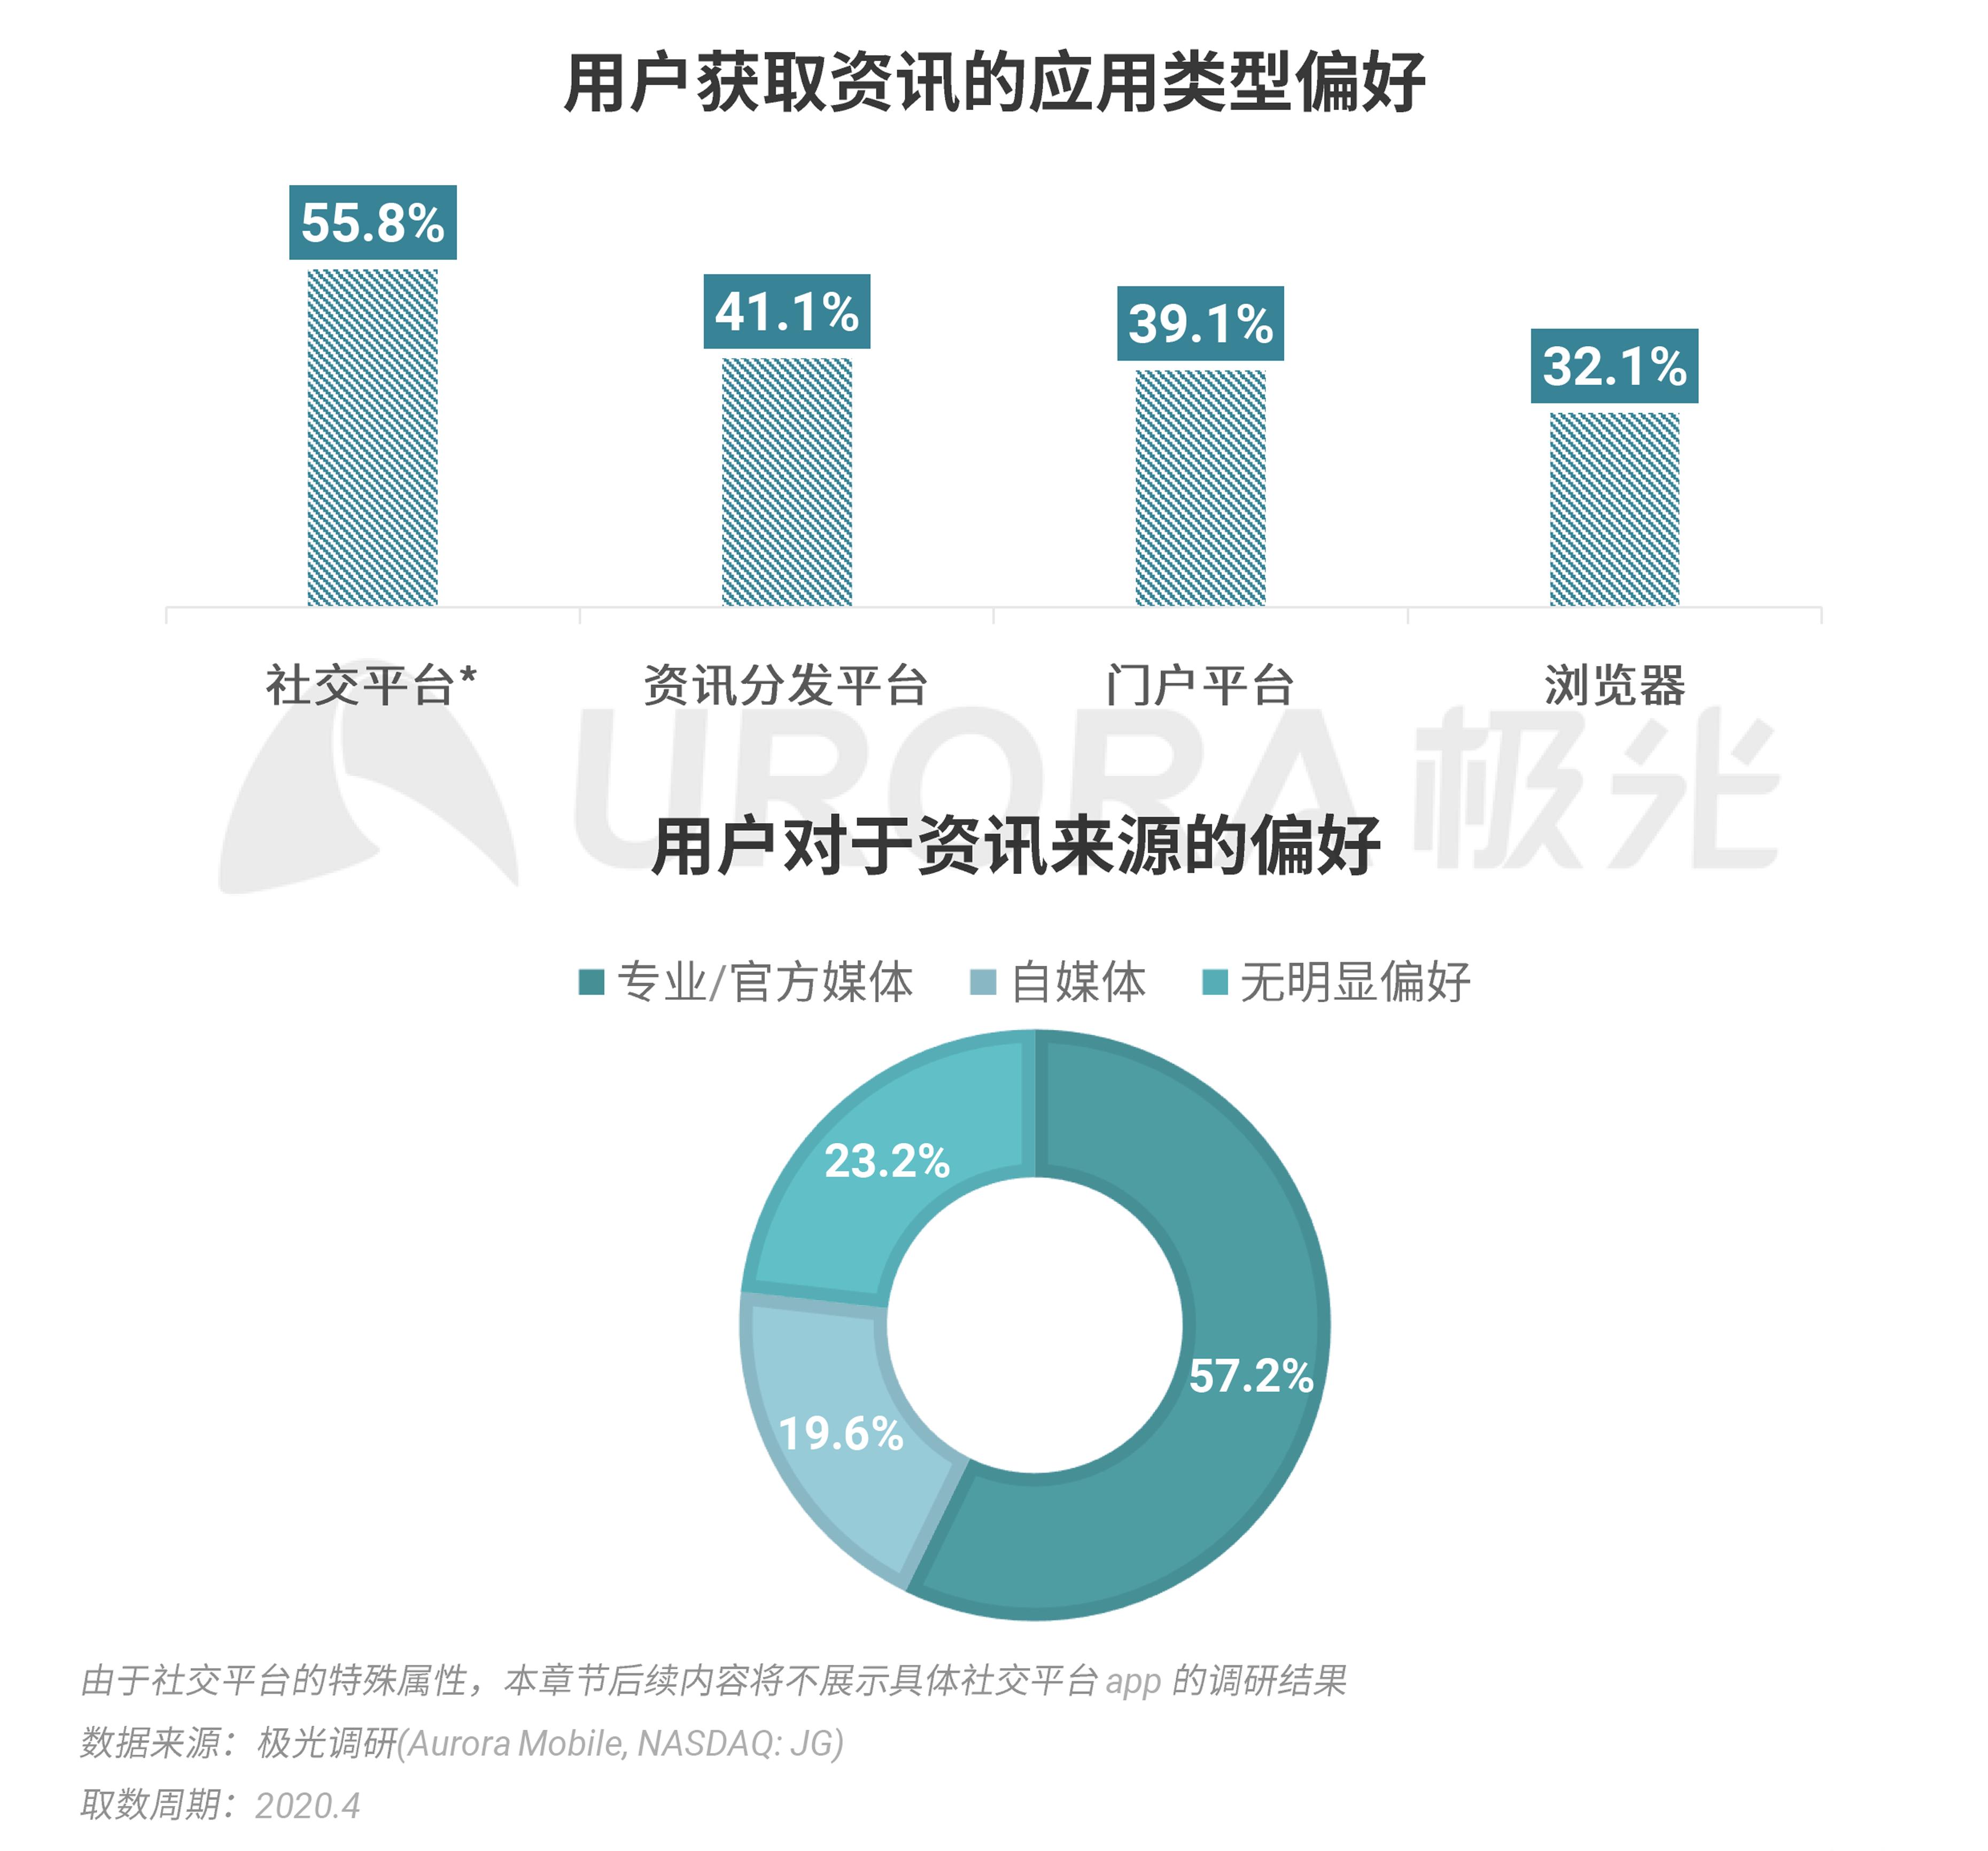 极光:新闻资讯 (10).png